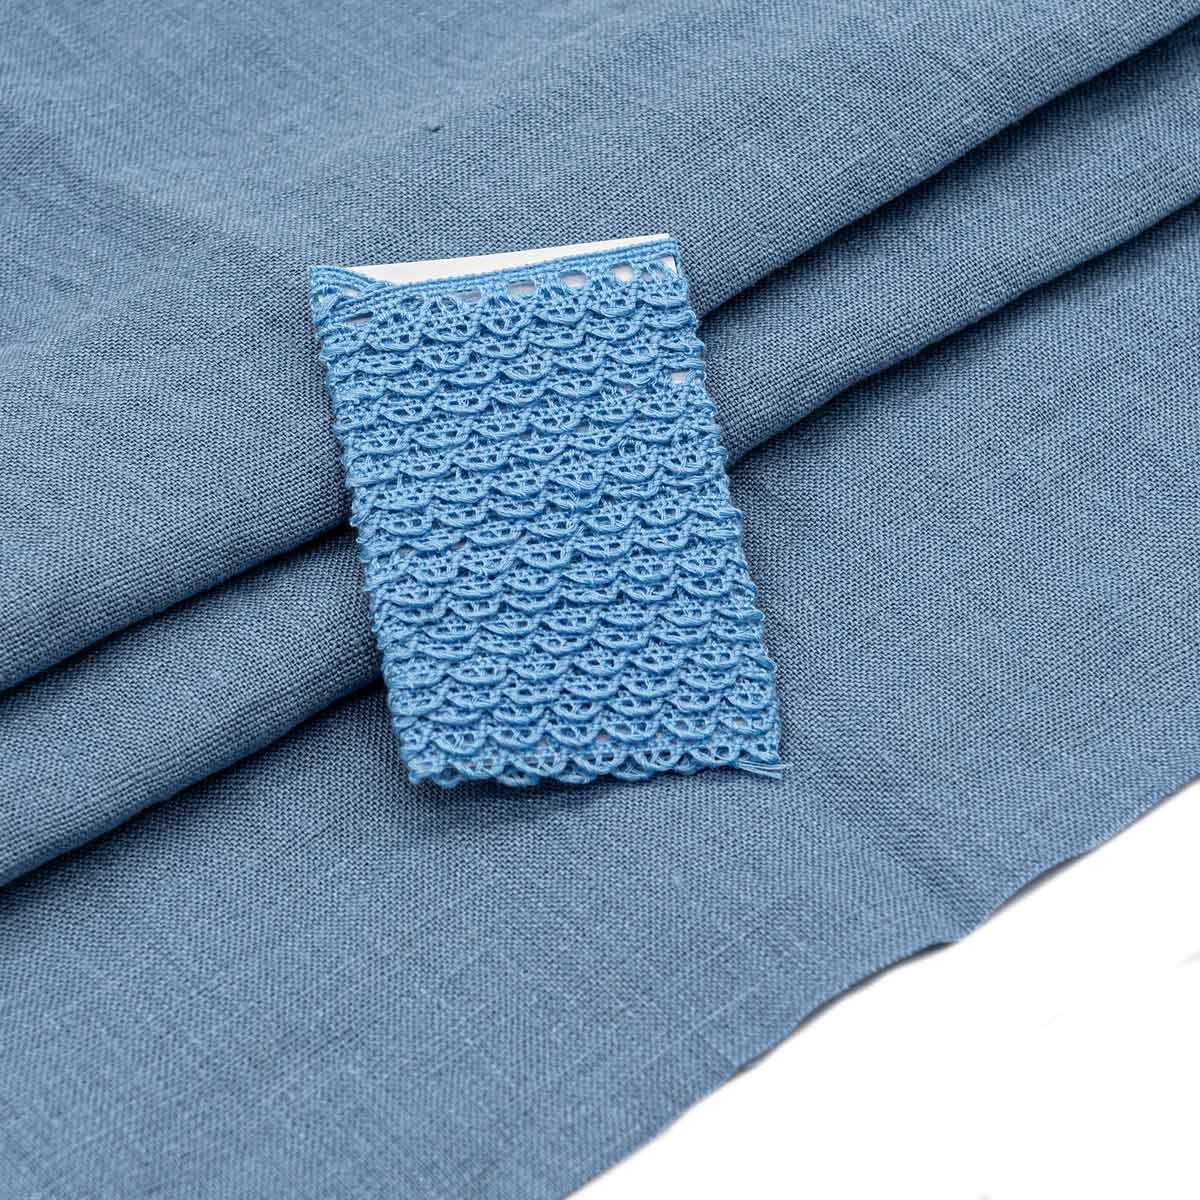 28957 Набор для творчеста 'Ткань лён с тесьмой ' (100% лен / 100%хб. 45*50см/ 2м), цв.сер.голубой+голубой